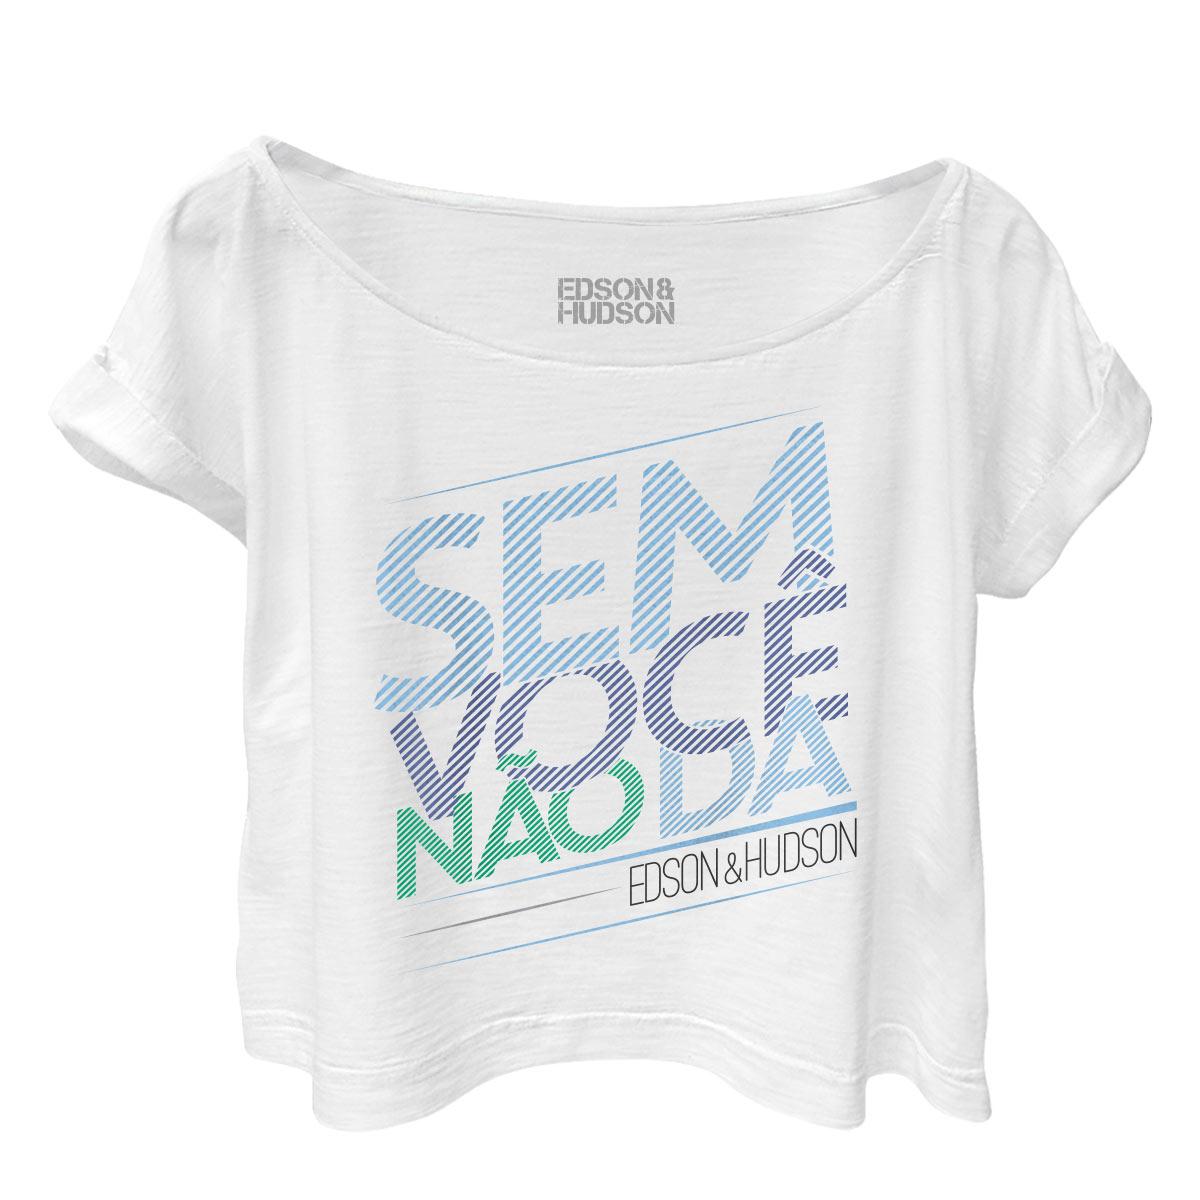 T-shirt Premium Feminina Edson & Hudson Sem Voc� N�o D�